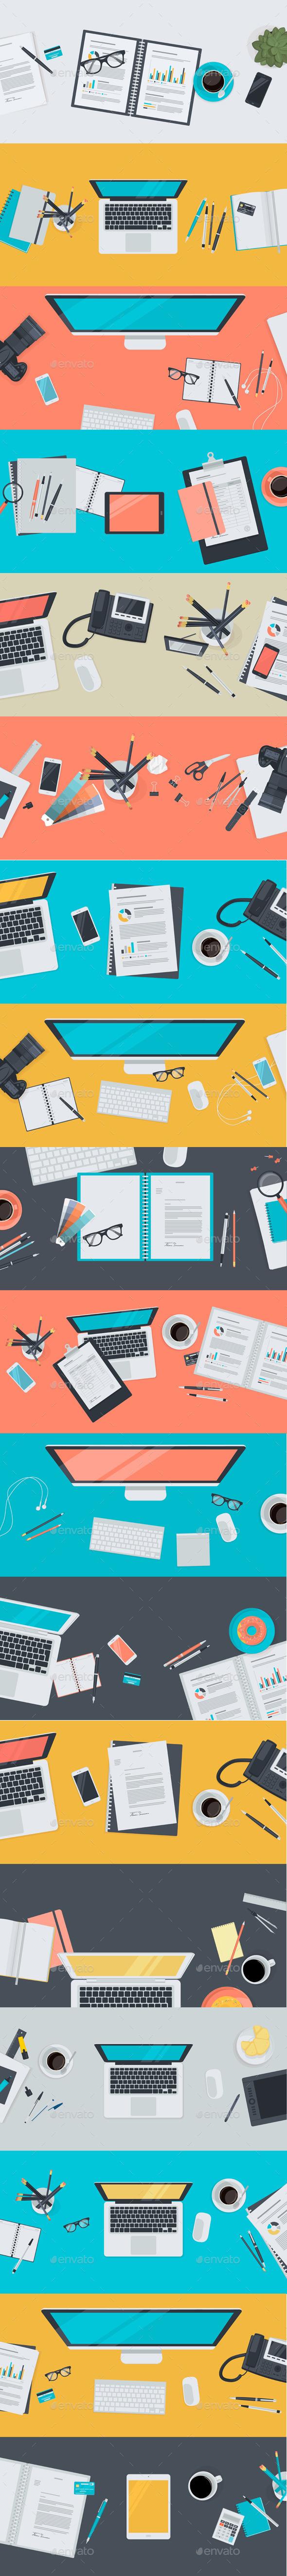 Set of Flat Design Workspace Concepts - Conceptual Vectors